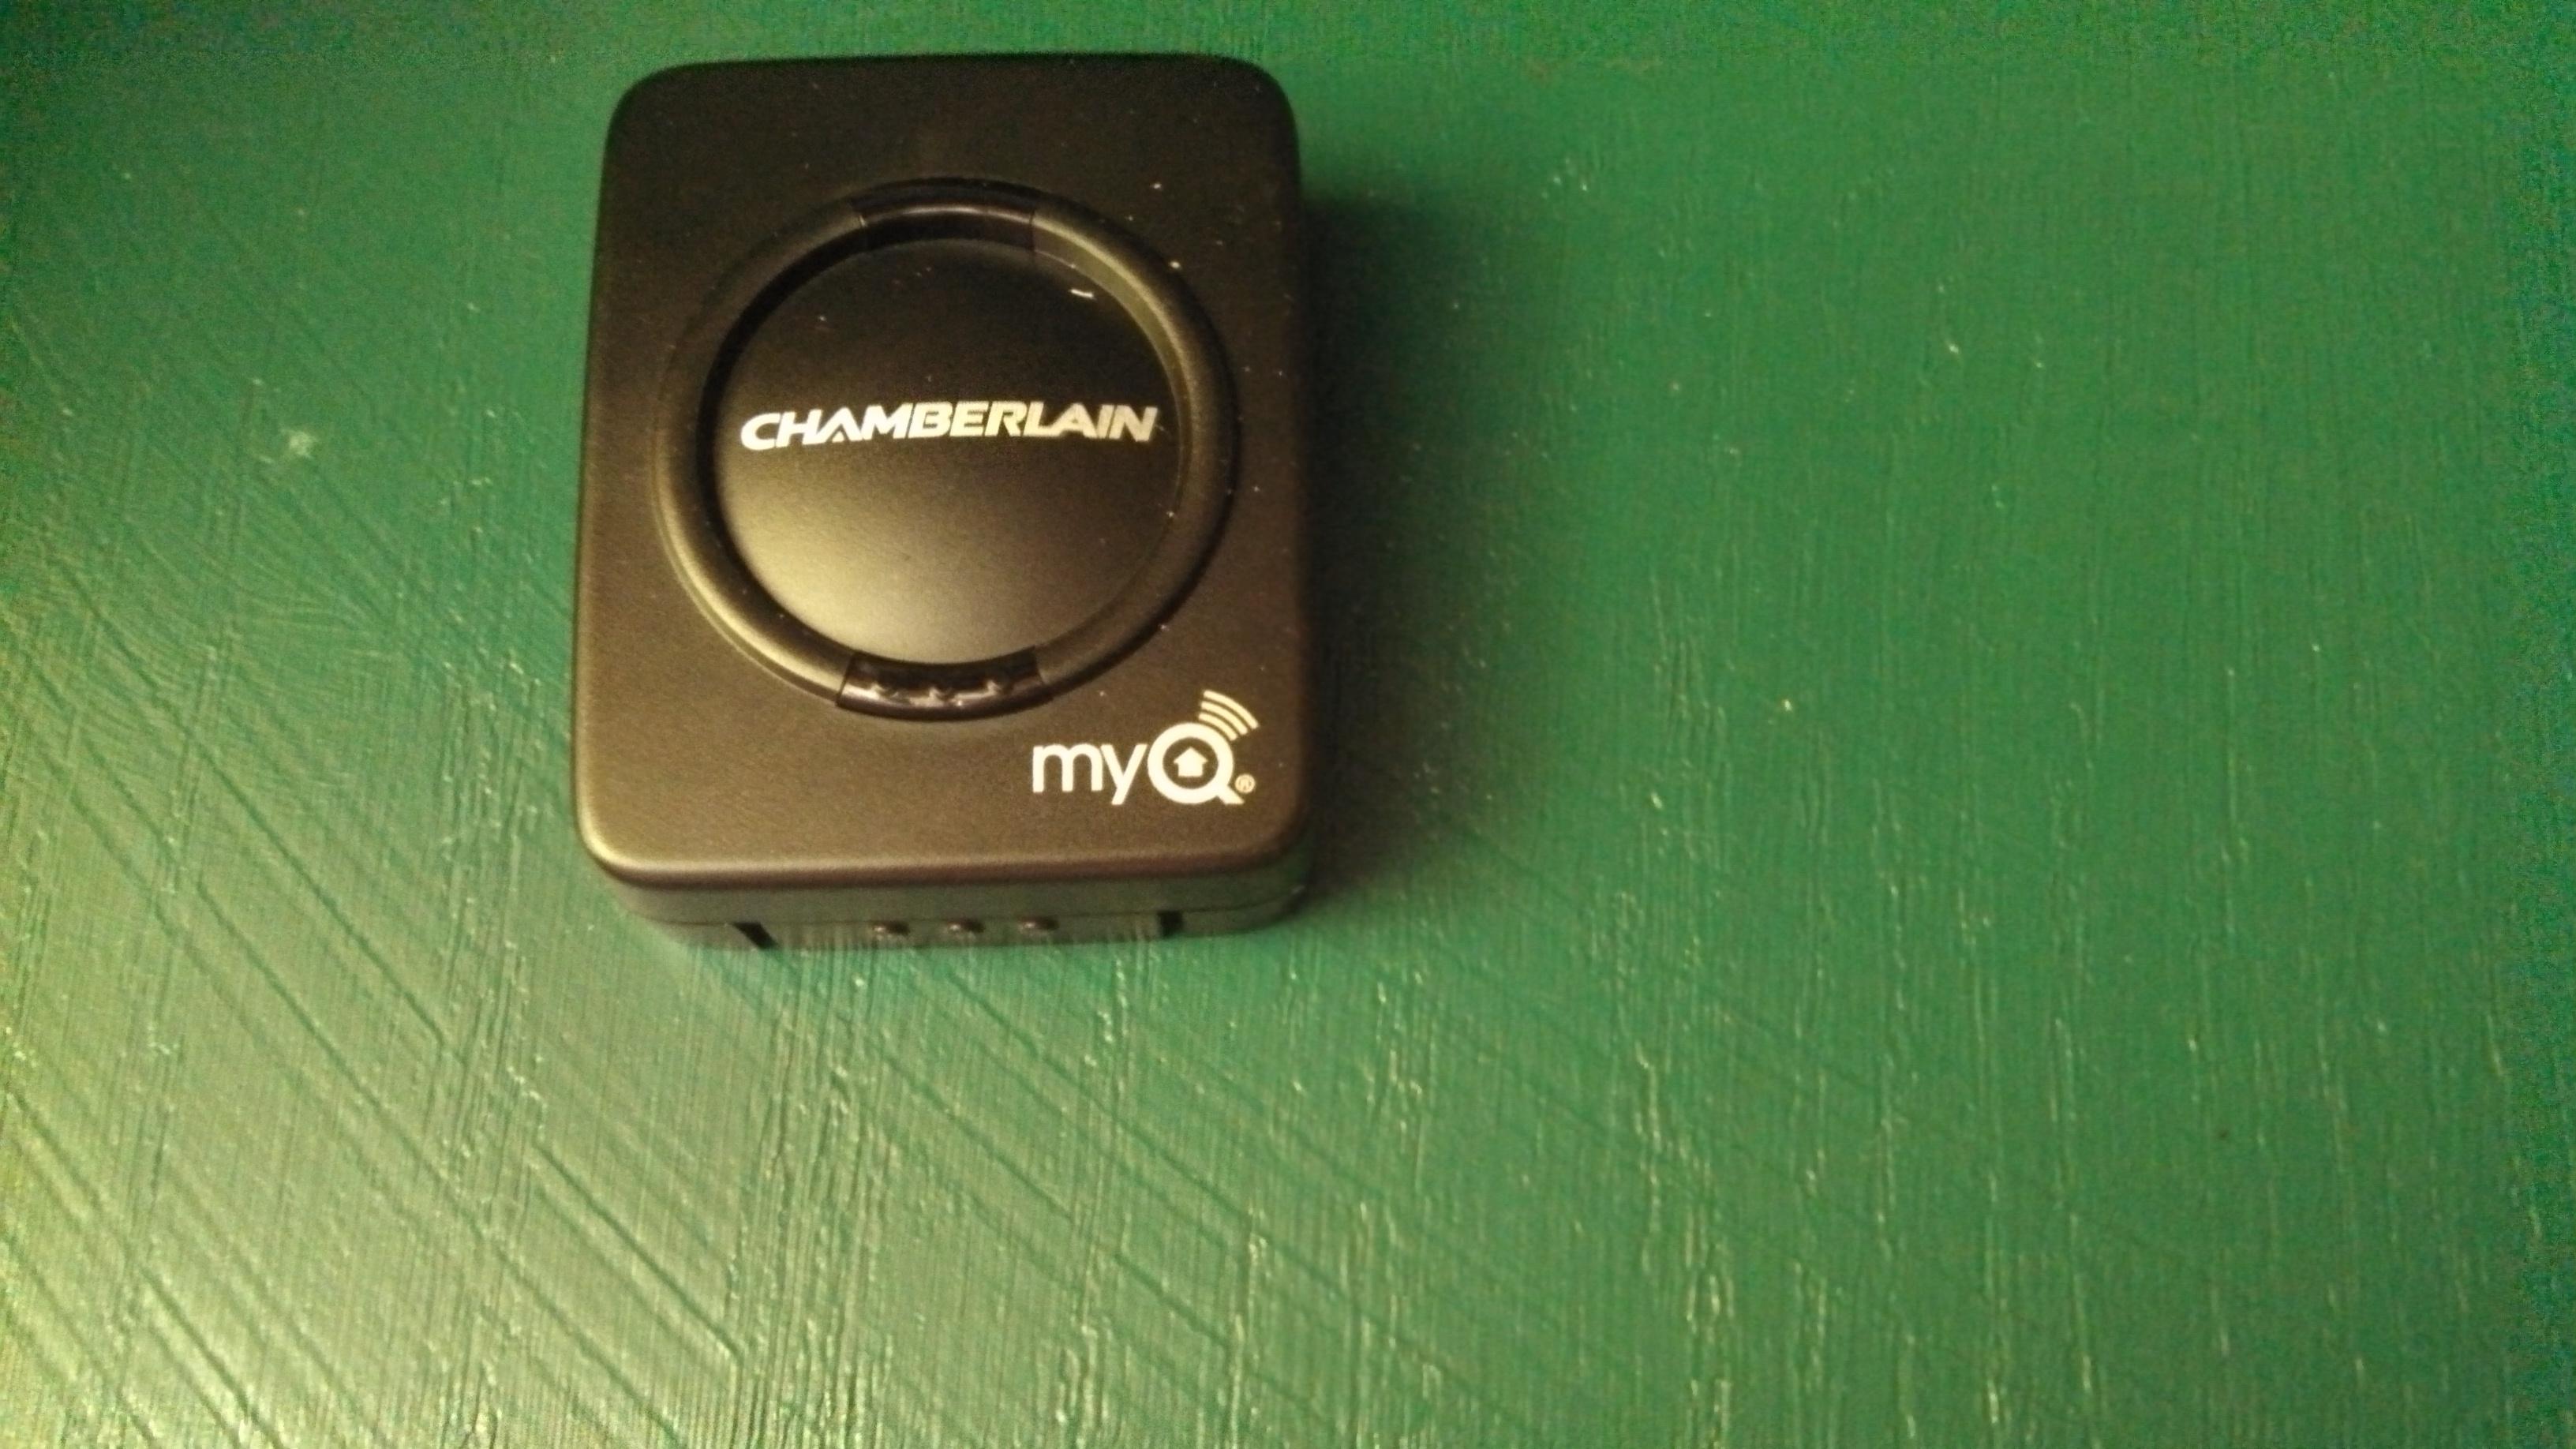 Chamberlain Myq Smartphone Garage Door Controller Review